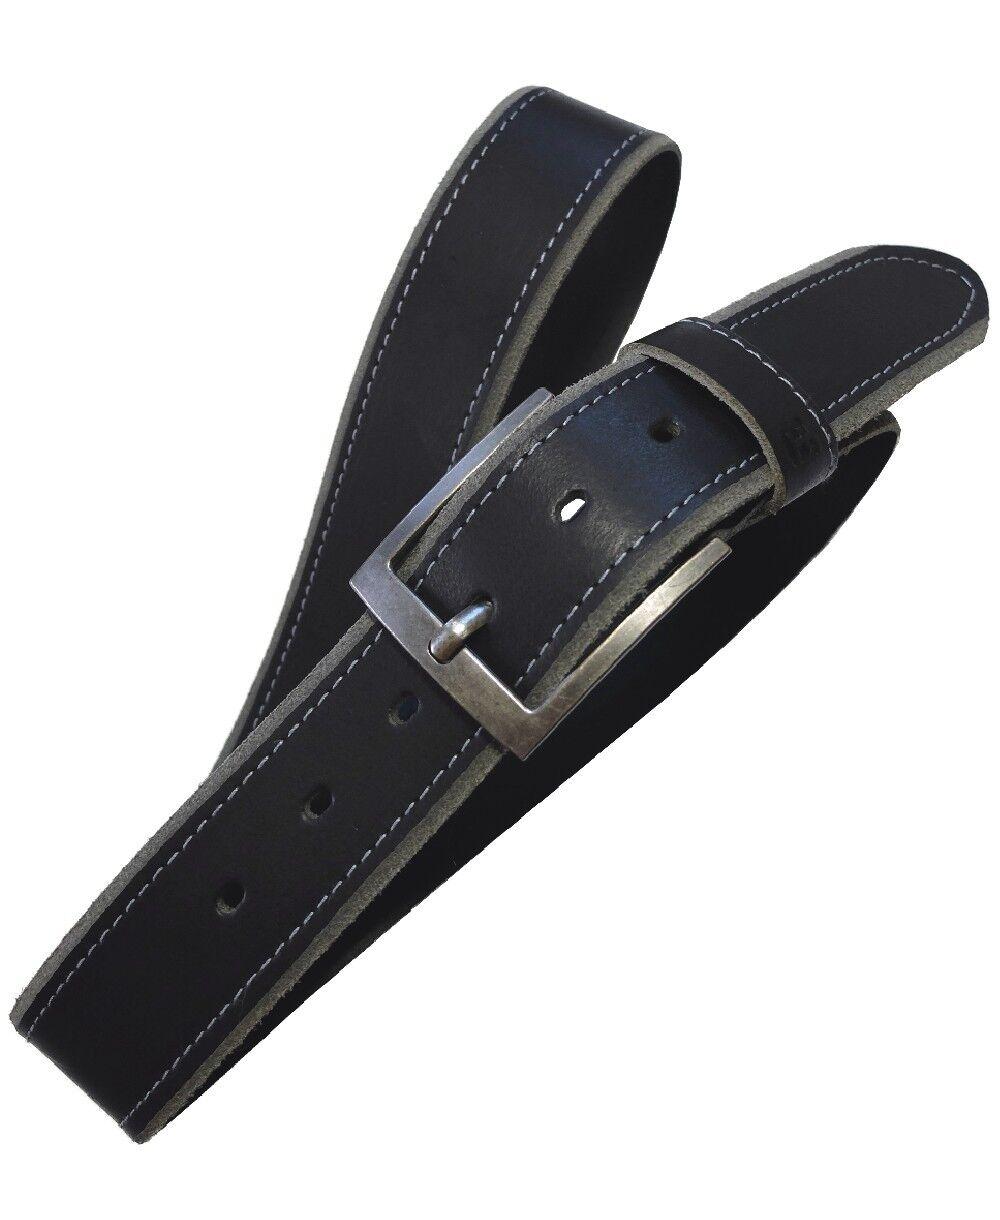 Hattric Hattric Hattric maskuliner Herren Ledergürtel in schwarz und braun kürzbar 120 cm | Sale Outlet  63a34f